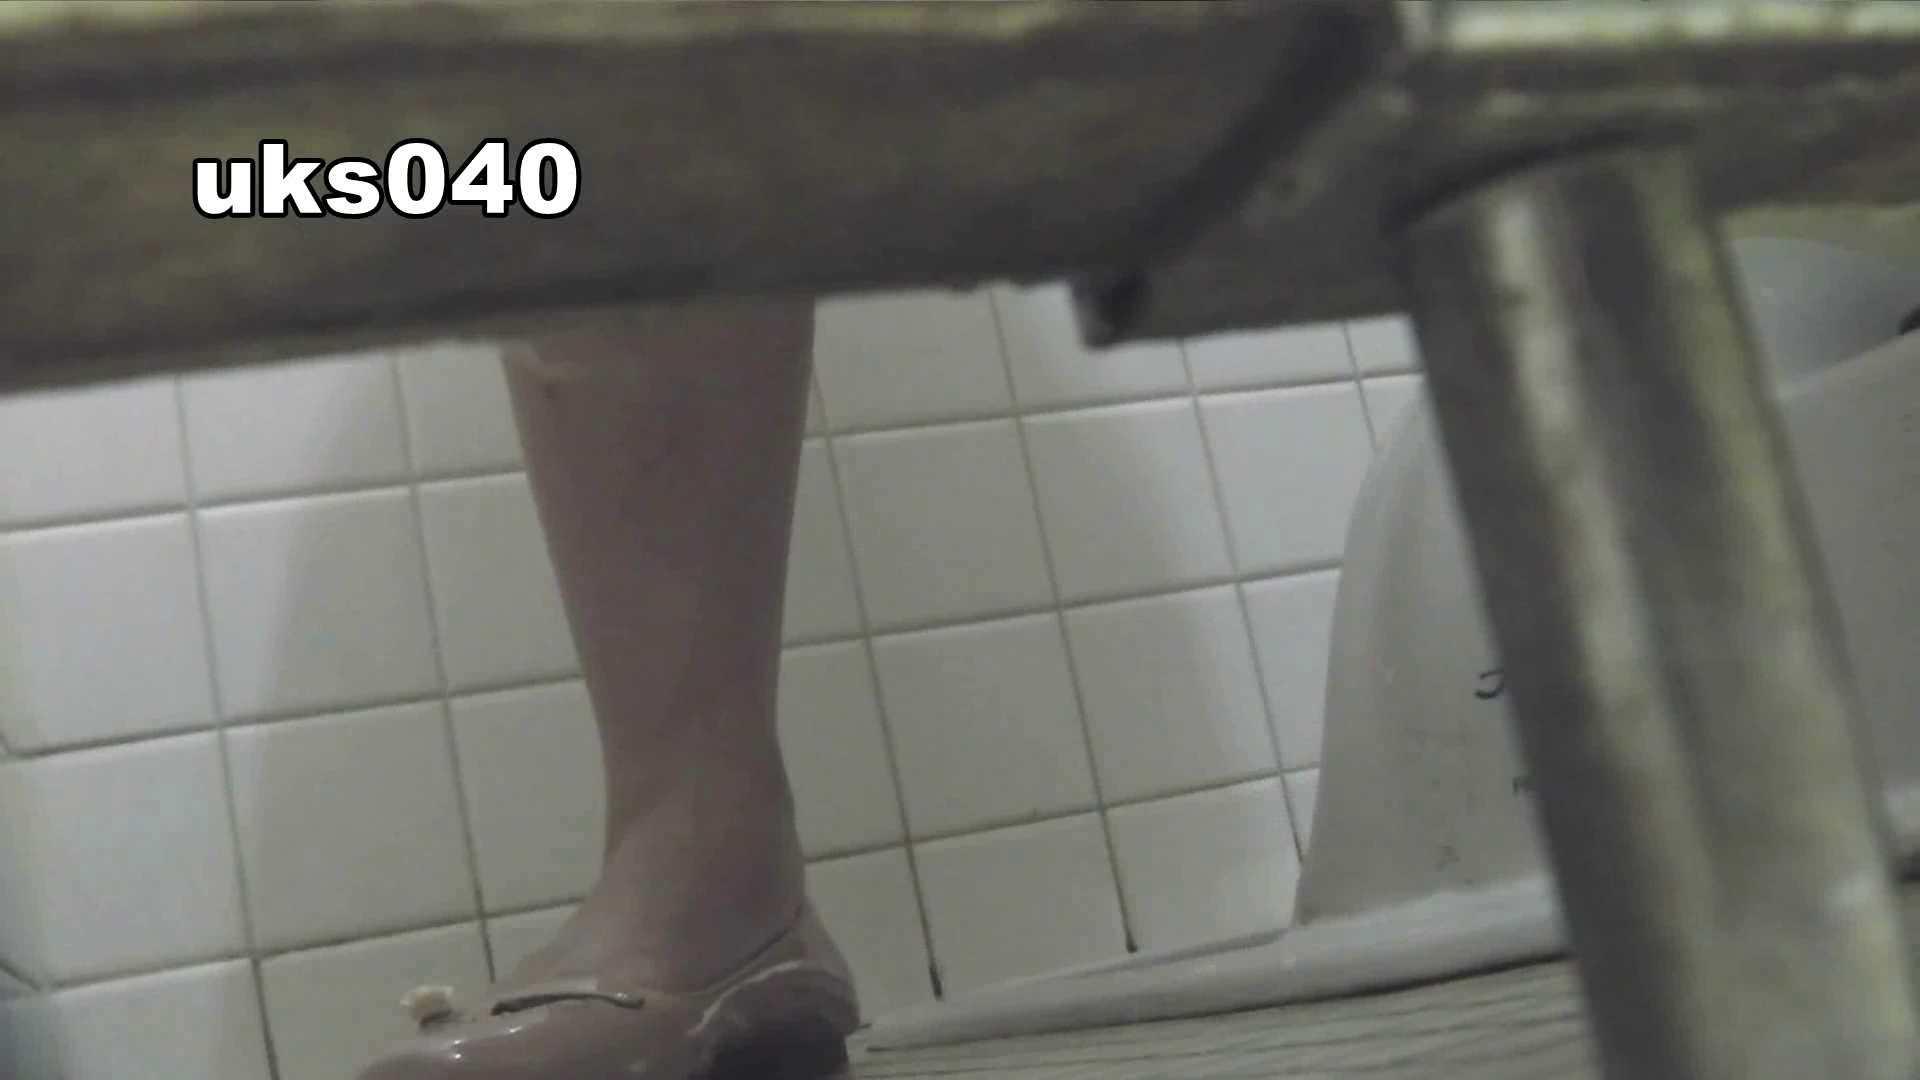 【美しき個室な世界】 vol.040 出て行かれる時の清楚姿撮り 高評価 濡れ場動画紹介 75画像 68